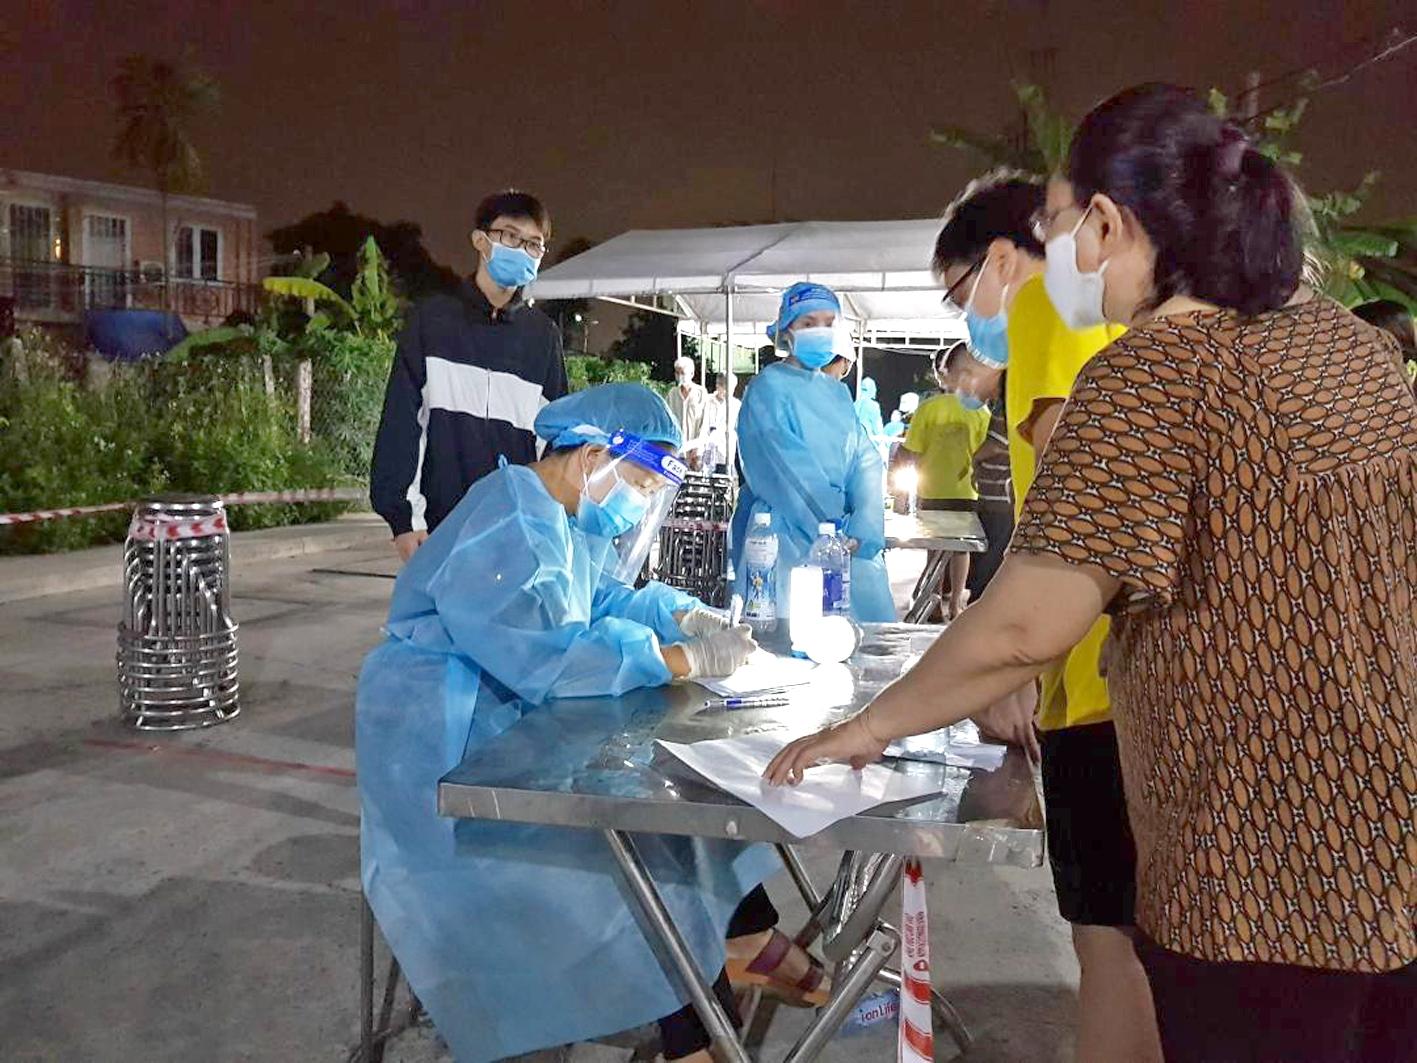 Chị Nuyễn Thị Hồng Tươi - Phó Chủ tịch Hội LHPN P.Thạnh Lộc, Q.12 (ngồi) hỗ trợ công tác lấy mẫu  xét nghiệm COVID-19 cho người dân trên địa bàn